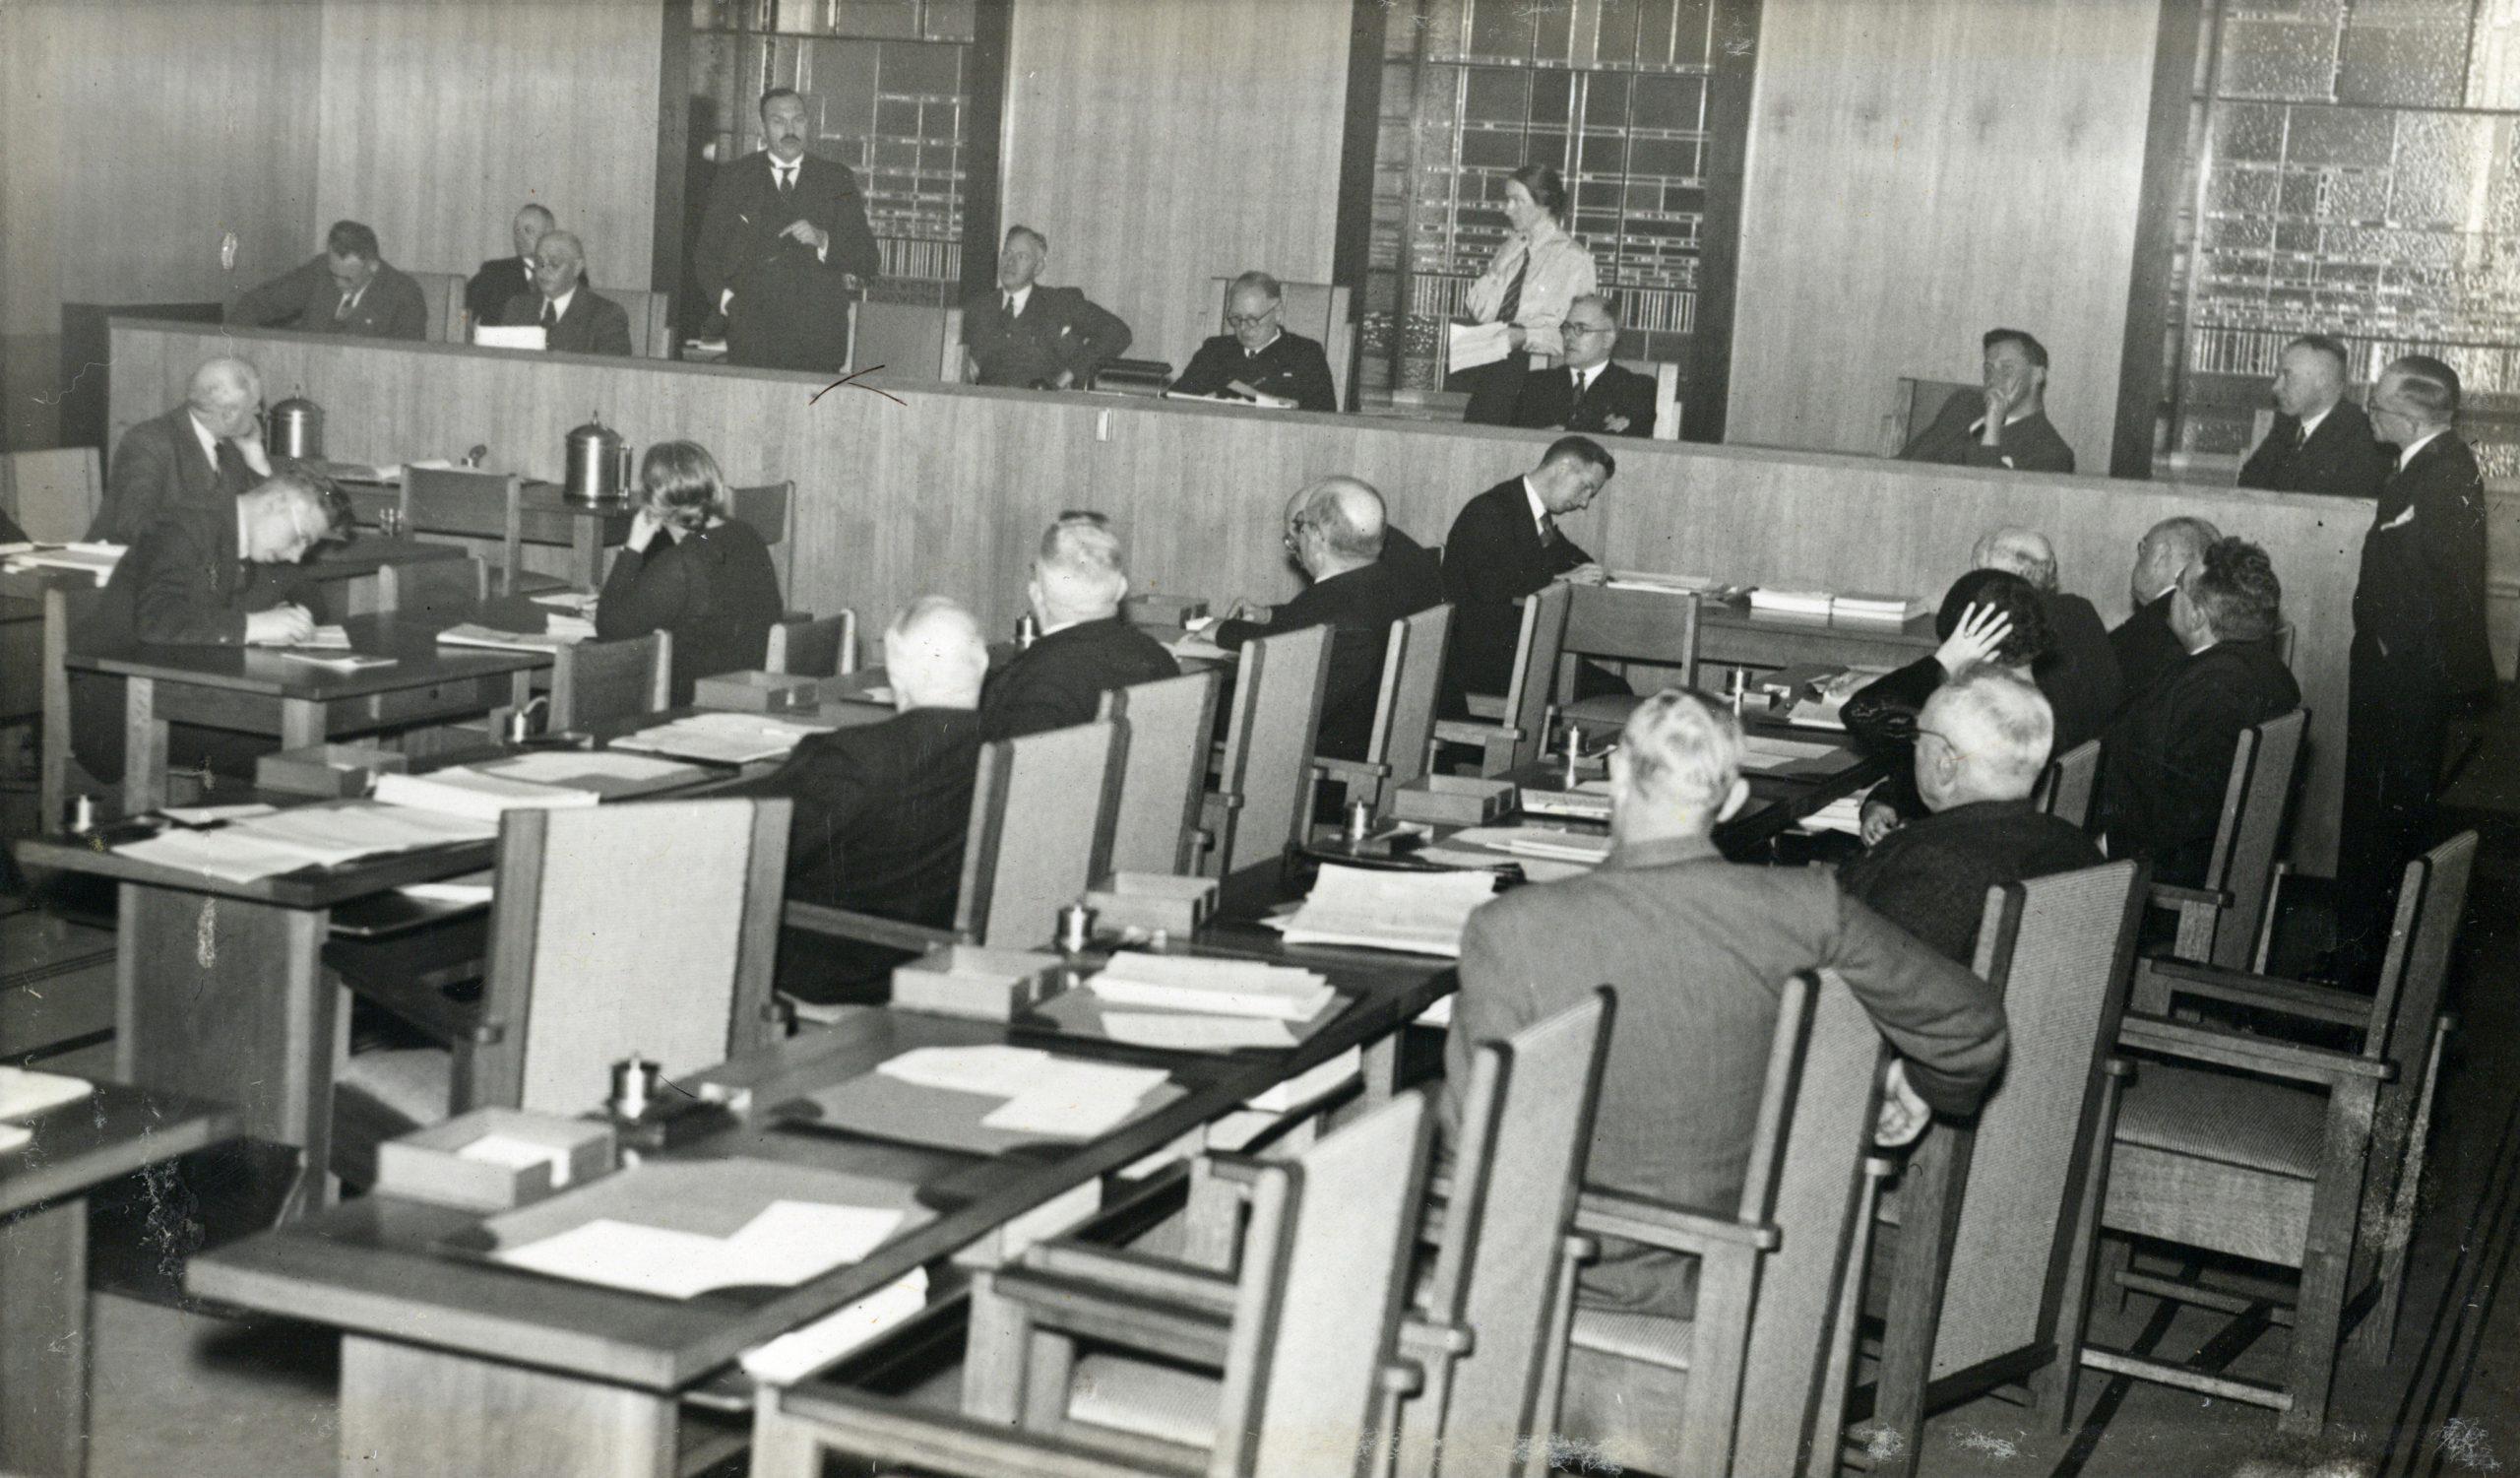 1938: Afbeelding van een vergadering van de gemeenteraad in de raadzaal van het Stadhuis (Stadhuisbrug 1) te Utrecht. N.B. In deze vergadering werd o.a. het besluit genomen tot vaststelling van het uitbreidingsplan van het gebied ten oosten van de Willem Barentszstraat ((flat)woningbouw aan de Karel Doormanlaan).